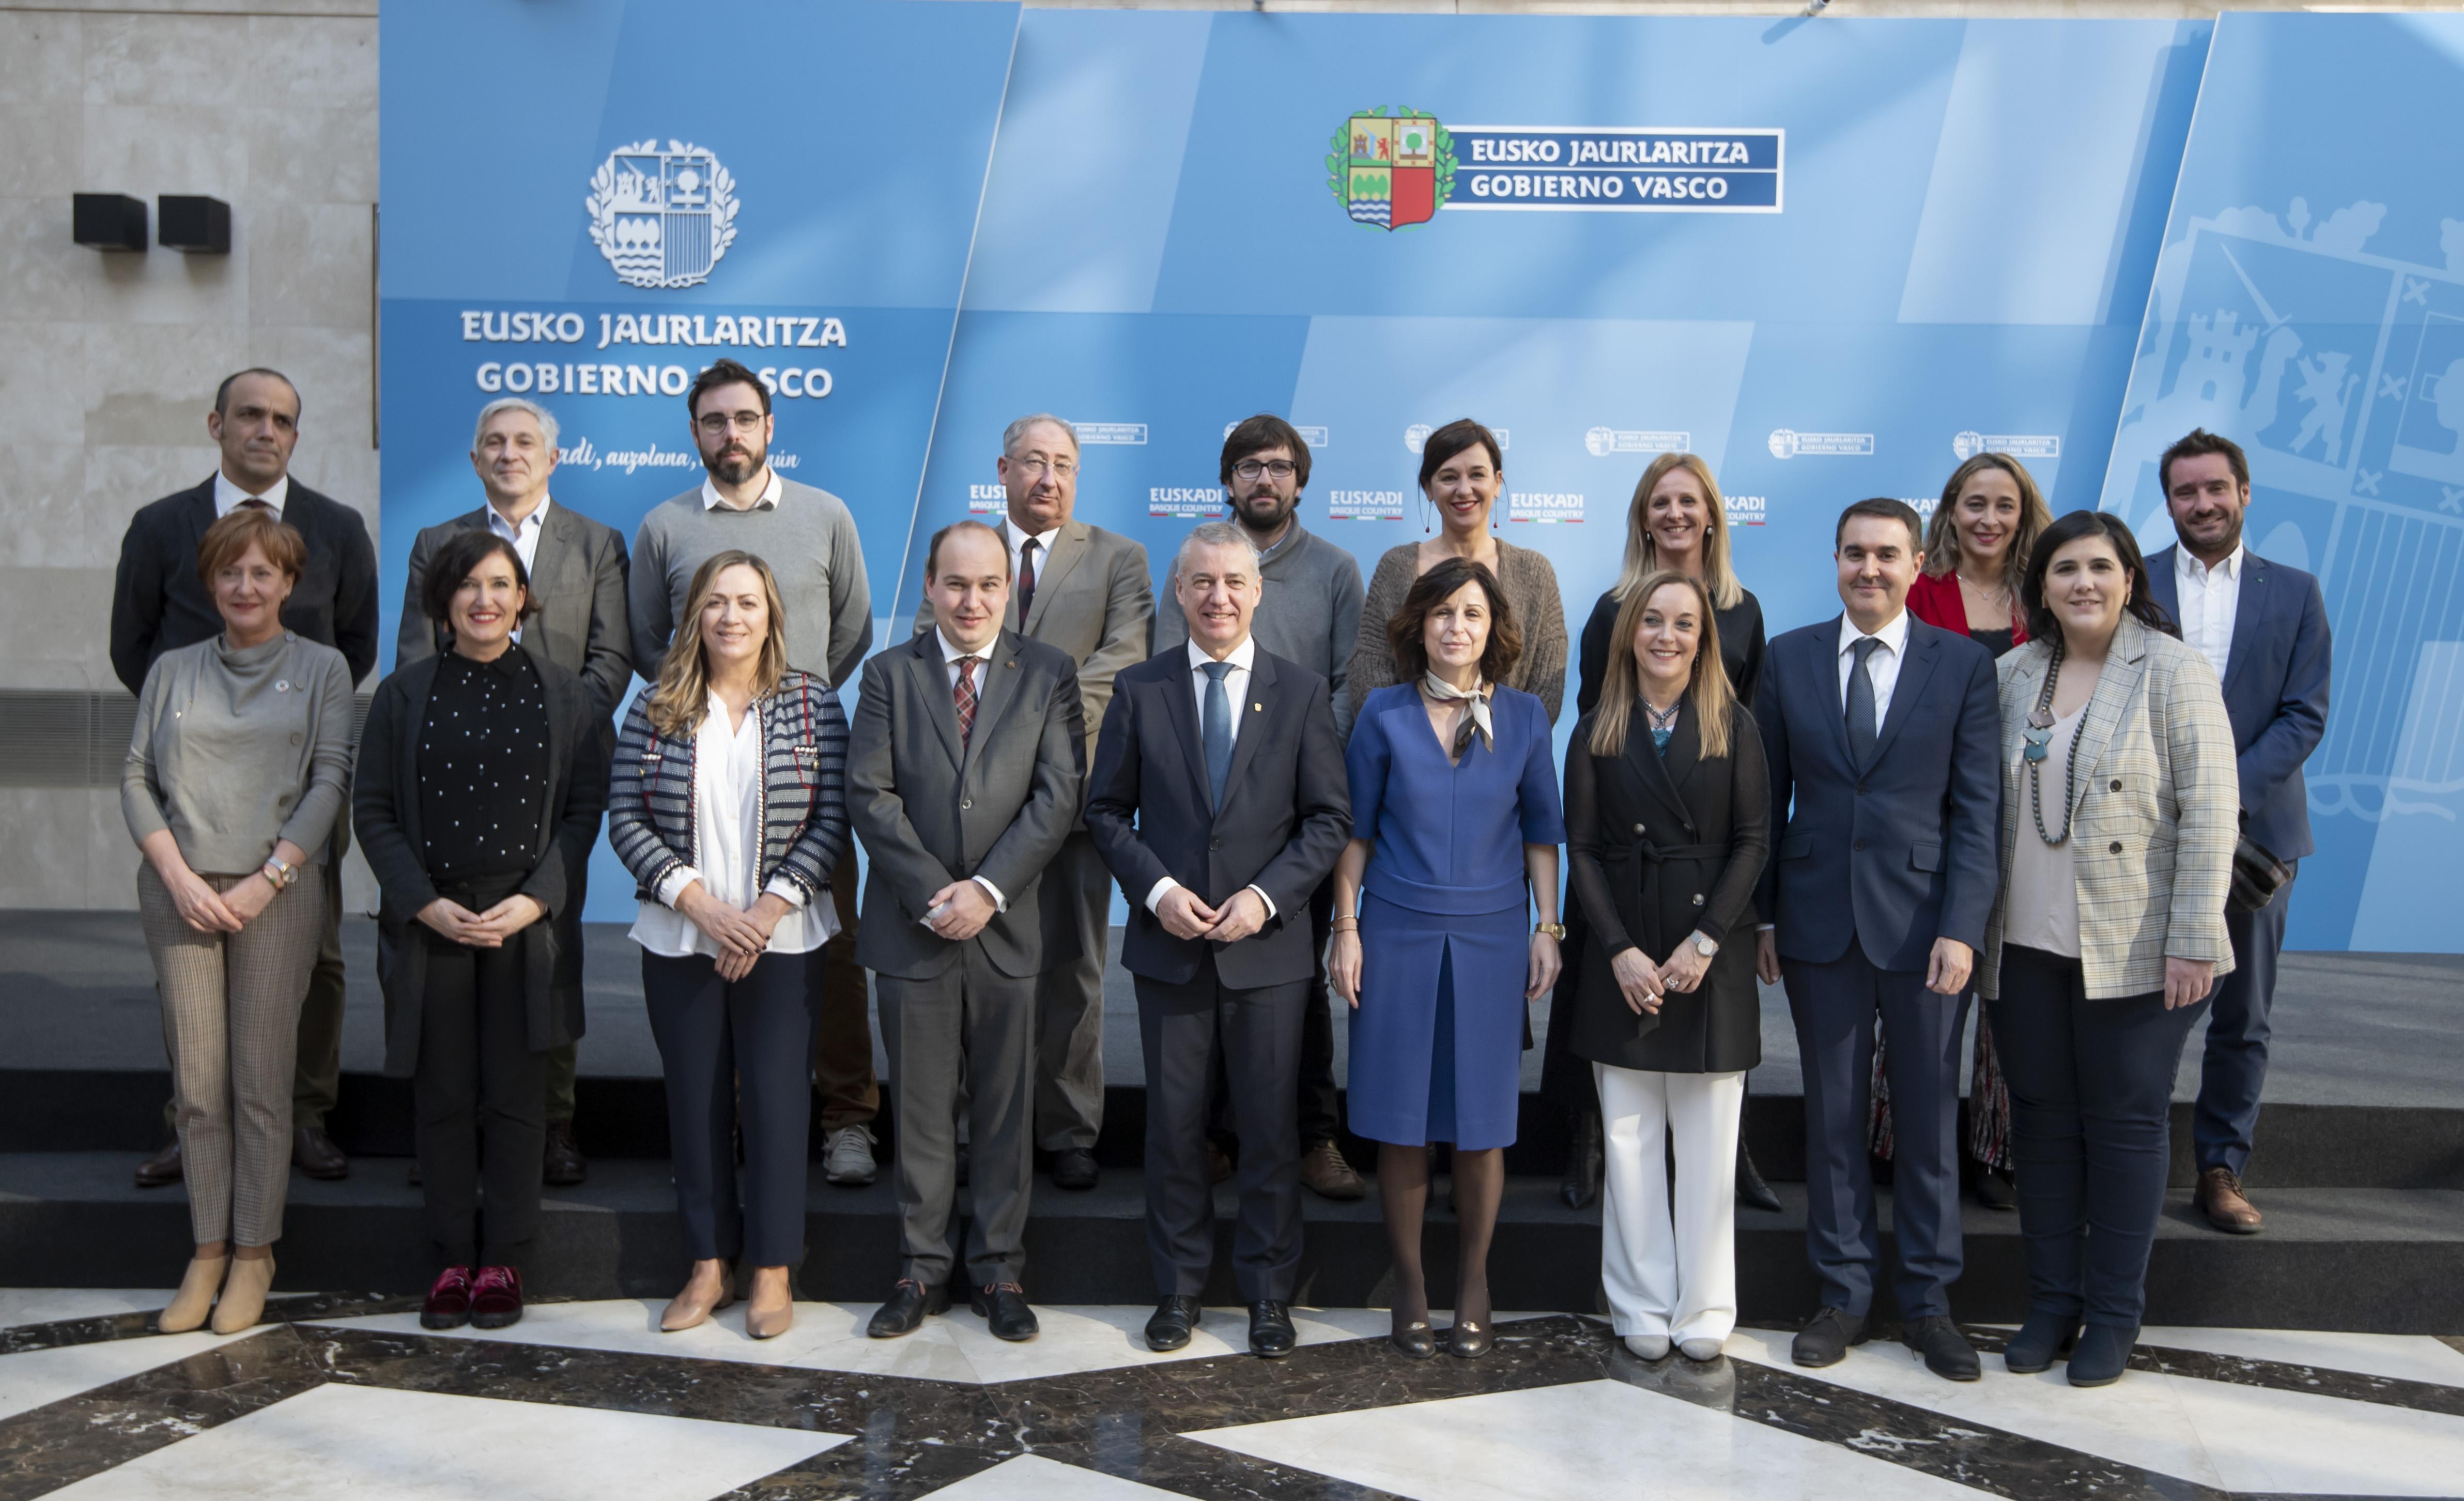 El Lehendakari afirma que la diáspora es una oportunidad para Euskadi